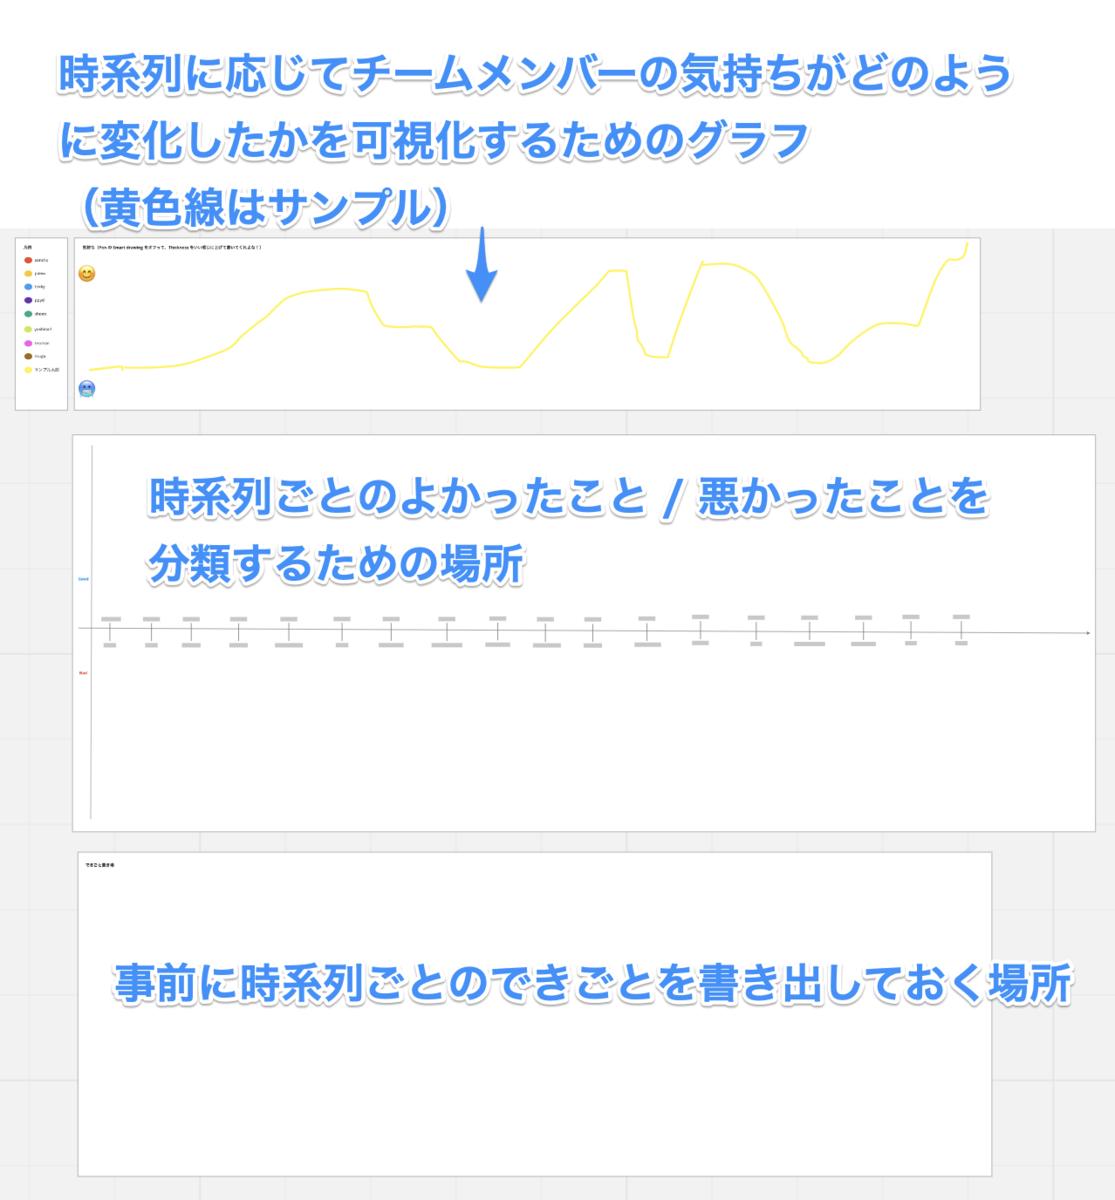 f:id:t-morizumi:20200603184211p:plain